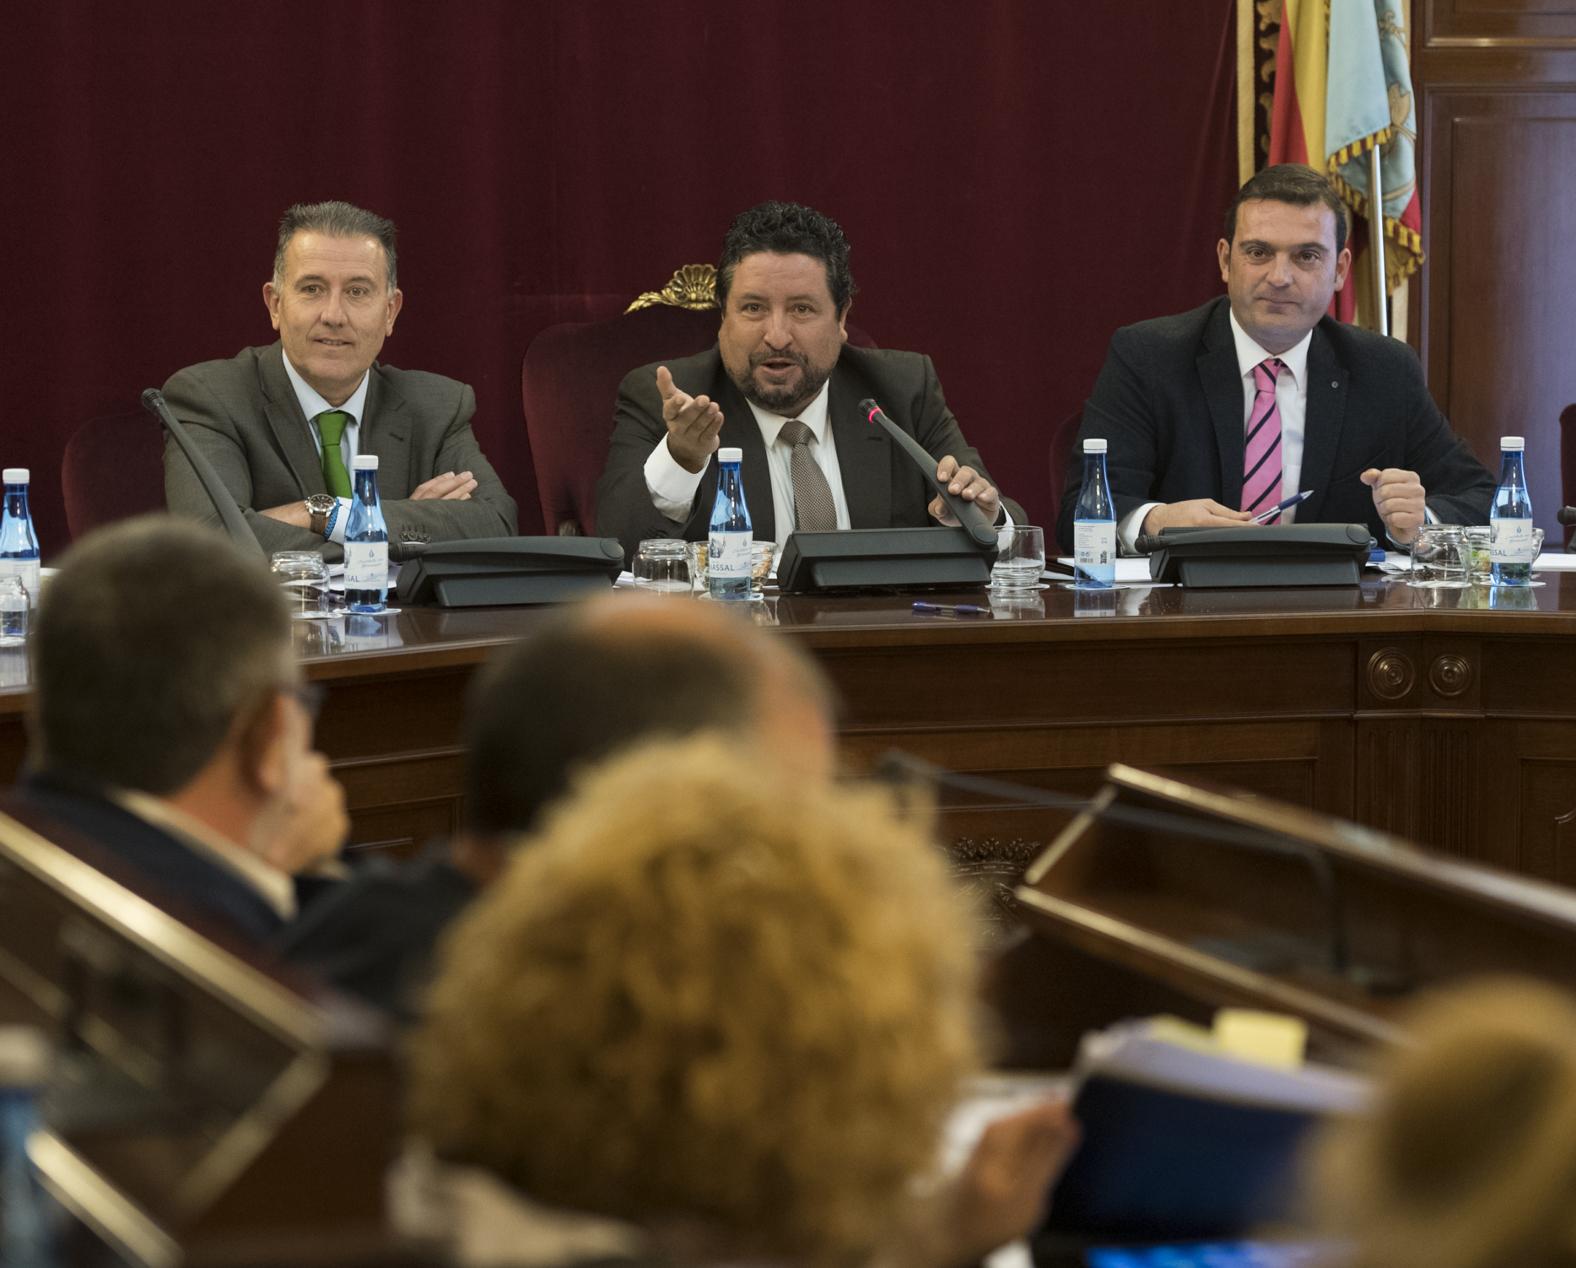 La Diputació destinarà 4,1 milions d'euros per desenvolupar una nova Estratègia per l'Ocupació durant el 2018